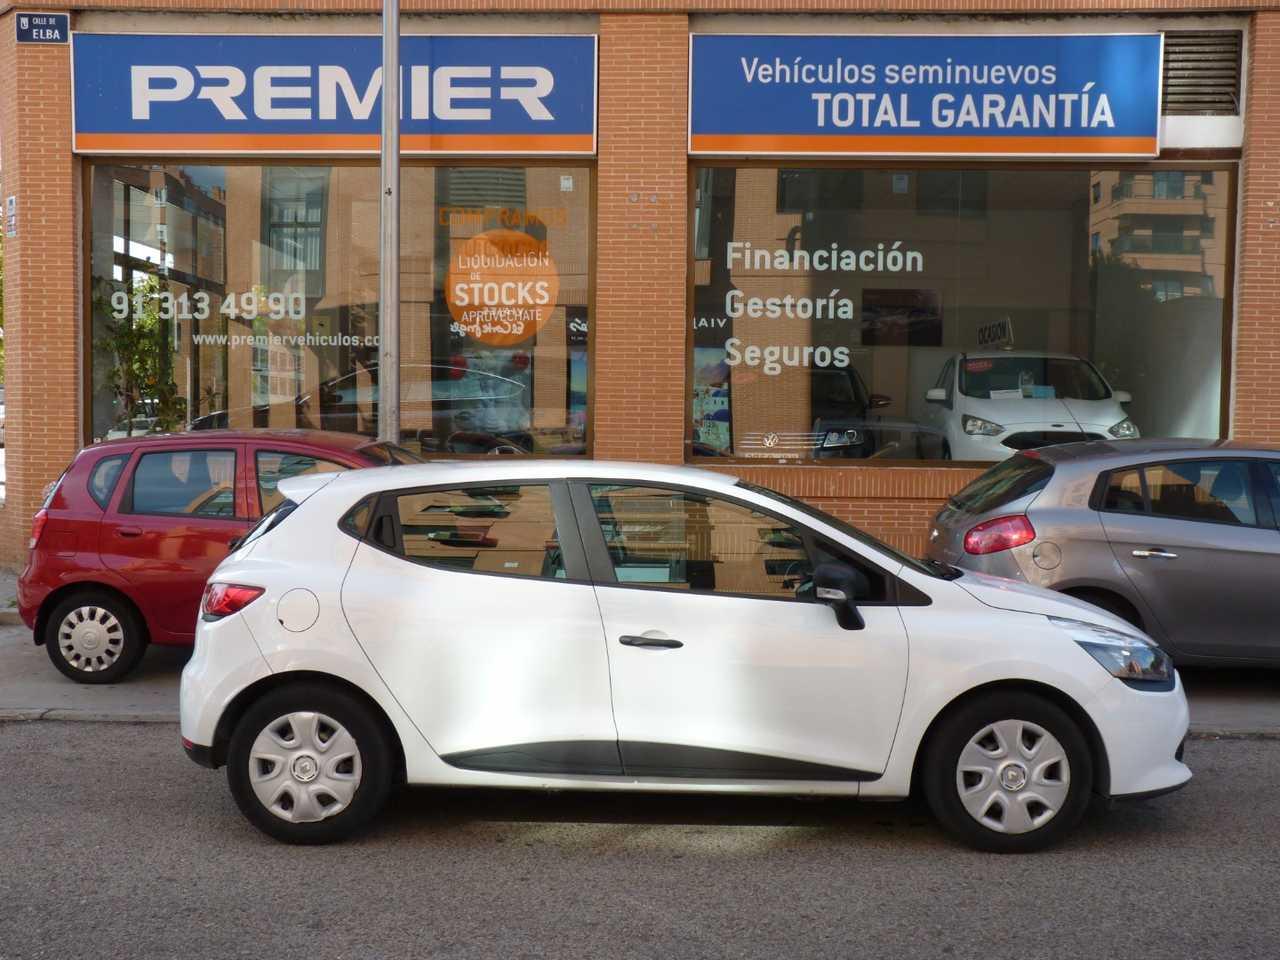 Renault Clio 0.9 90 CV GLP / Gasolina BUSINESS (modelo 2020)  - Foto 1